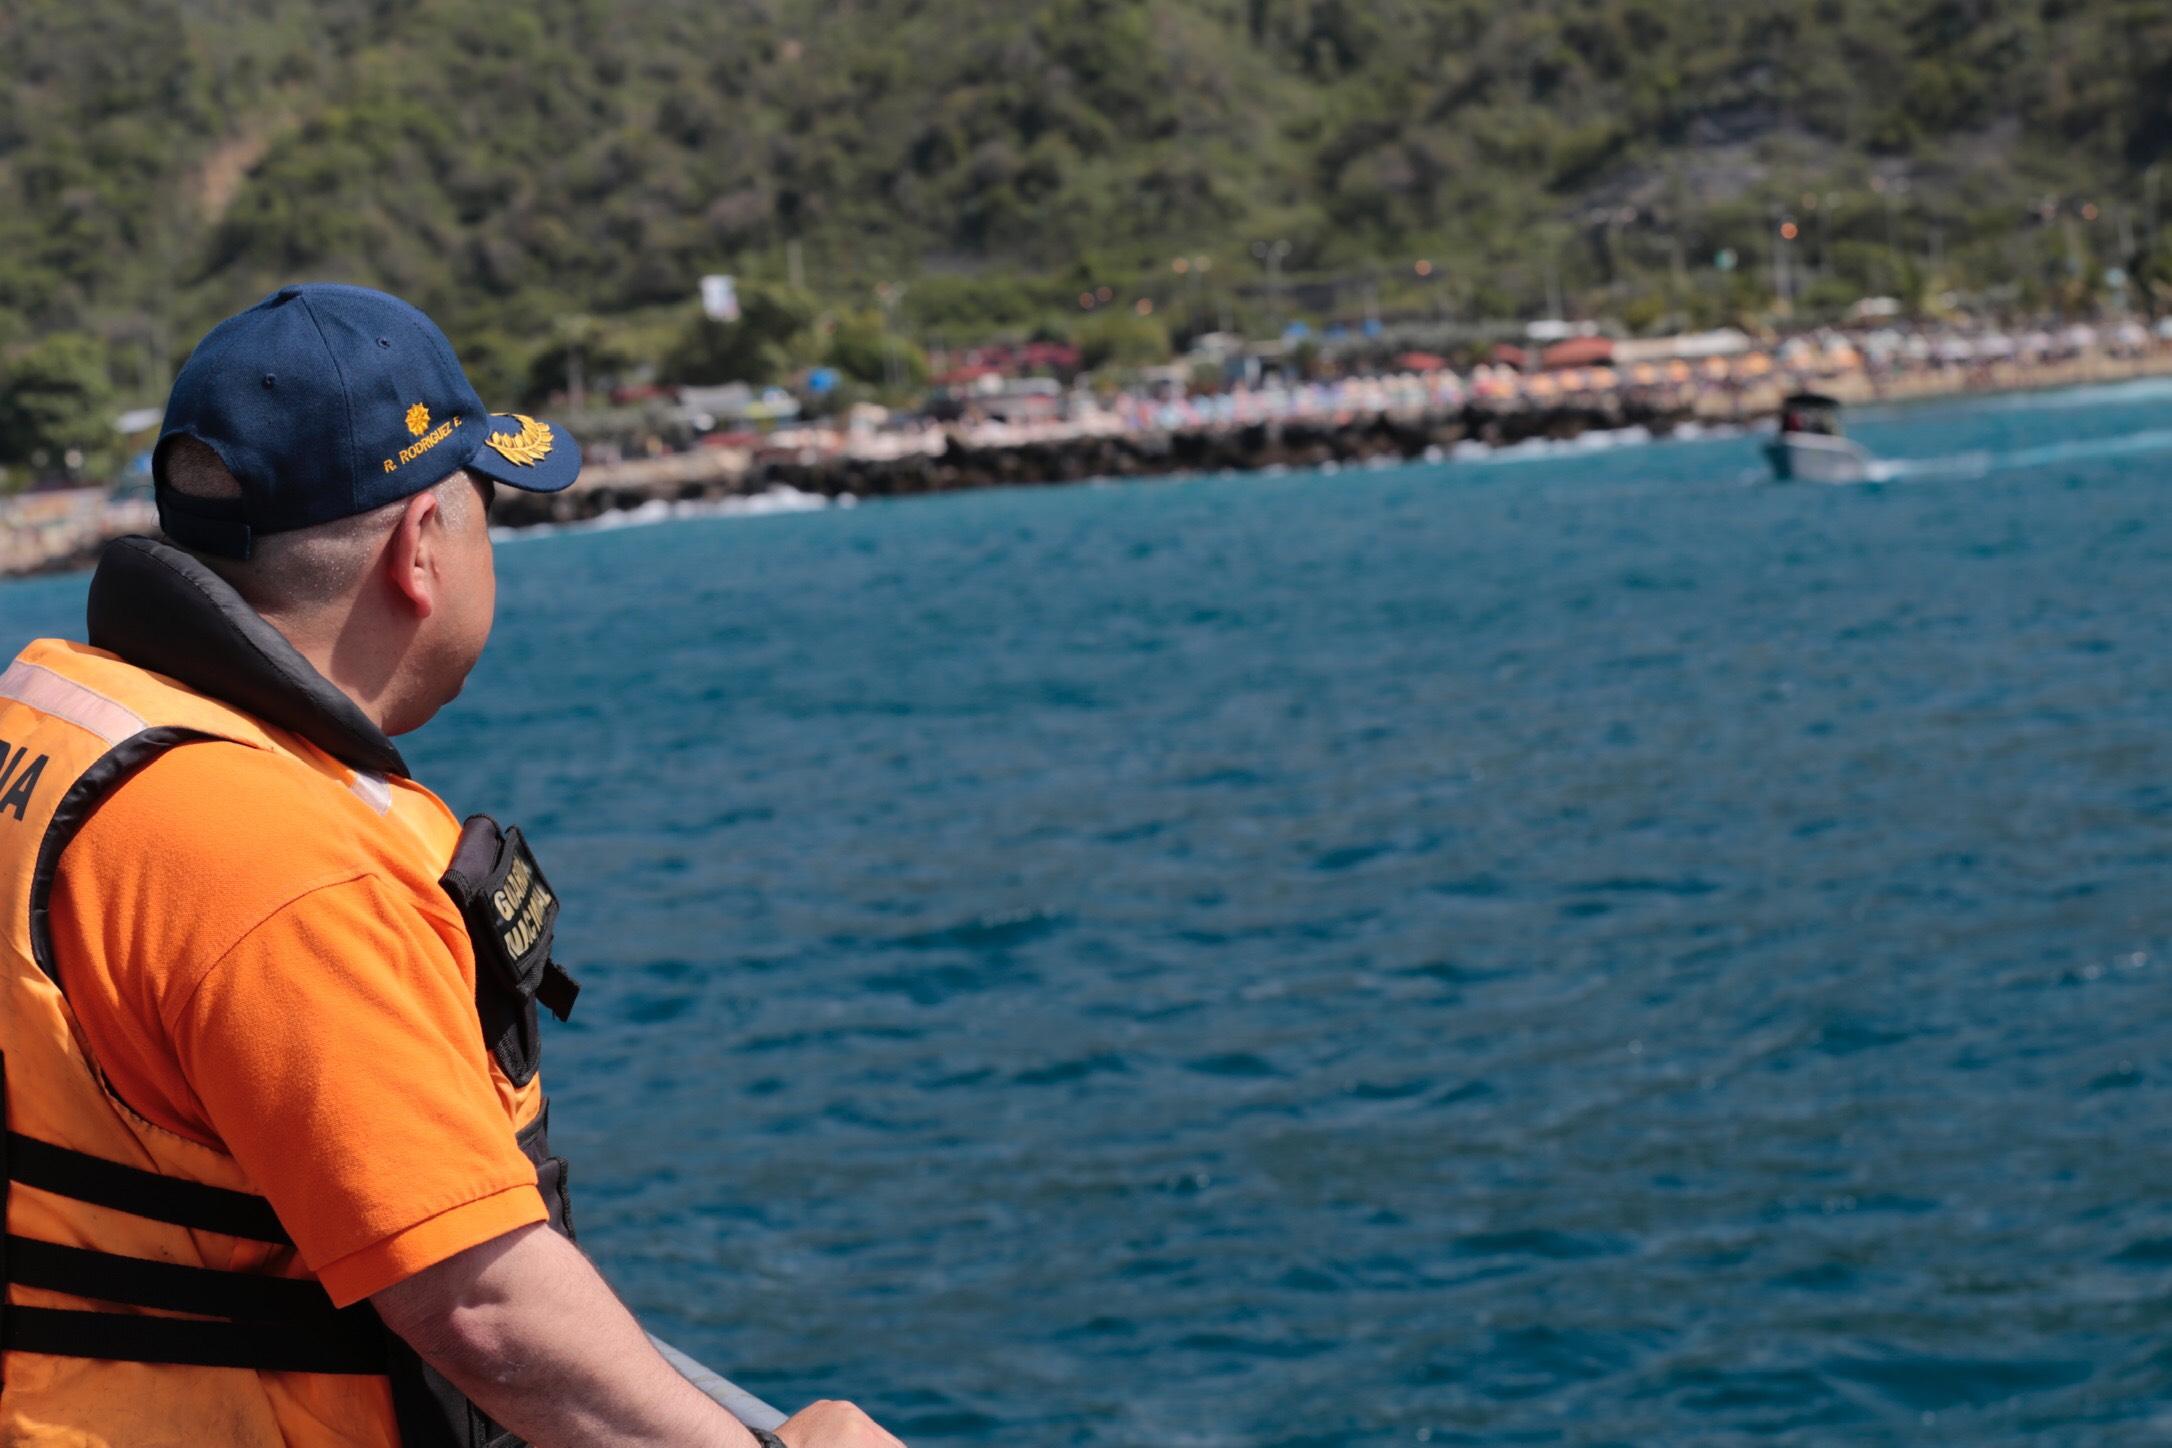 Sistema Nacional de Gestión de Riesgo supervisa despliegue de seguridad en 63 playas de Vargas (4)